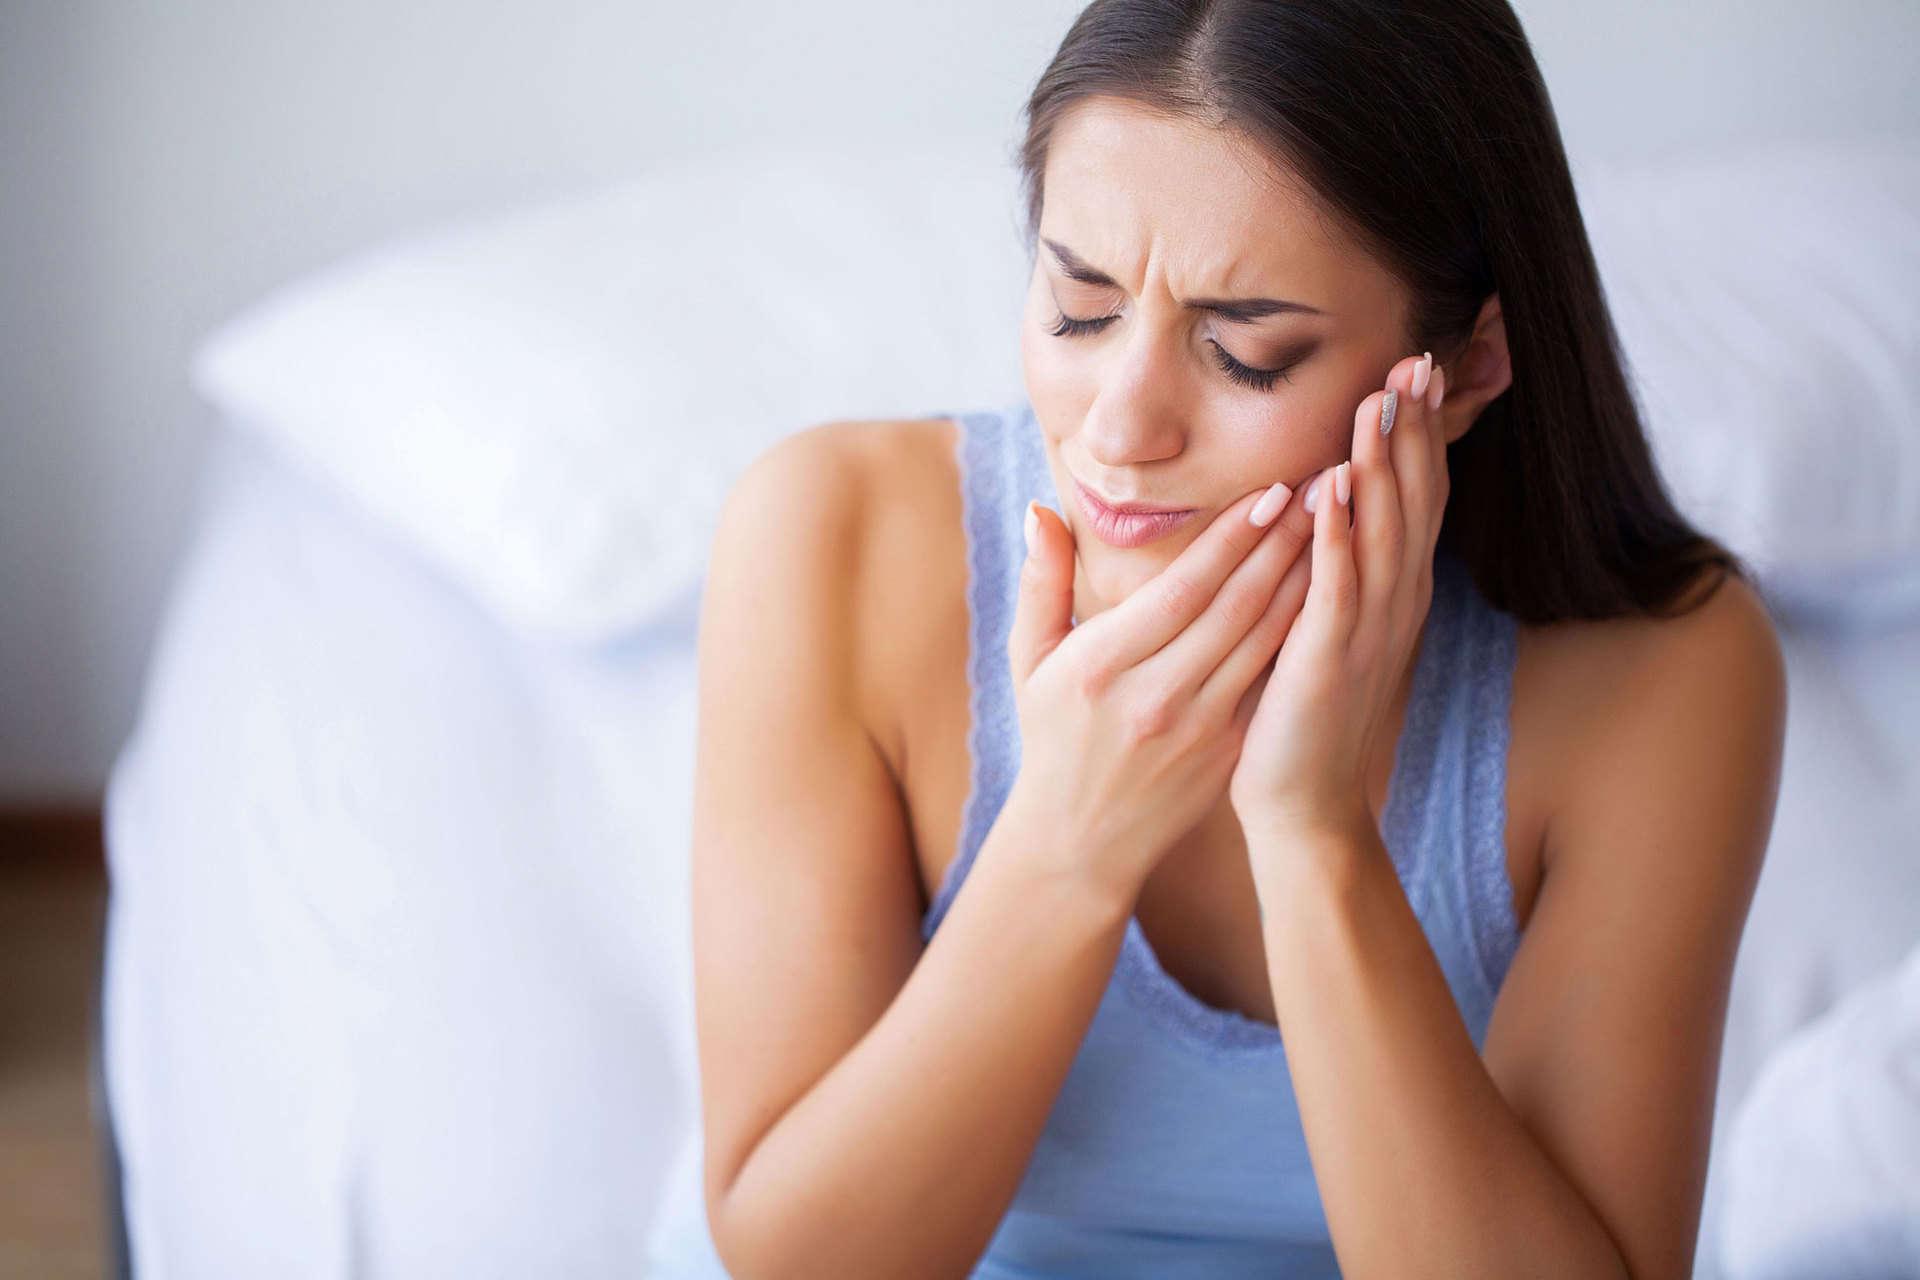 Junge Frau hält sich vor Schmerzen beide Hände an die linke Backe und überlegt, ob ein Zahnarztbesuch notwenig ist